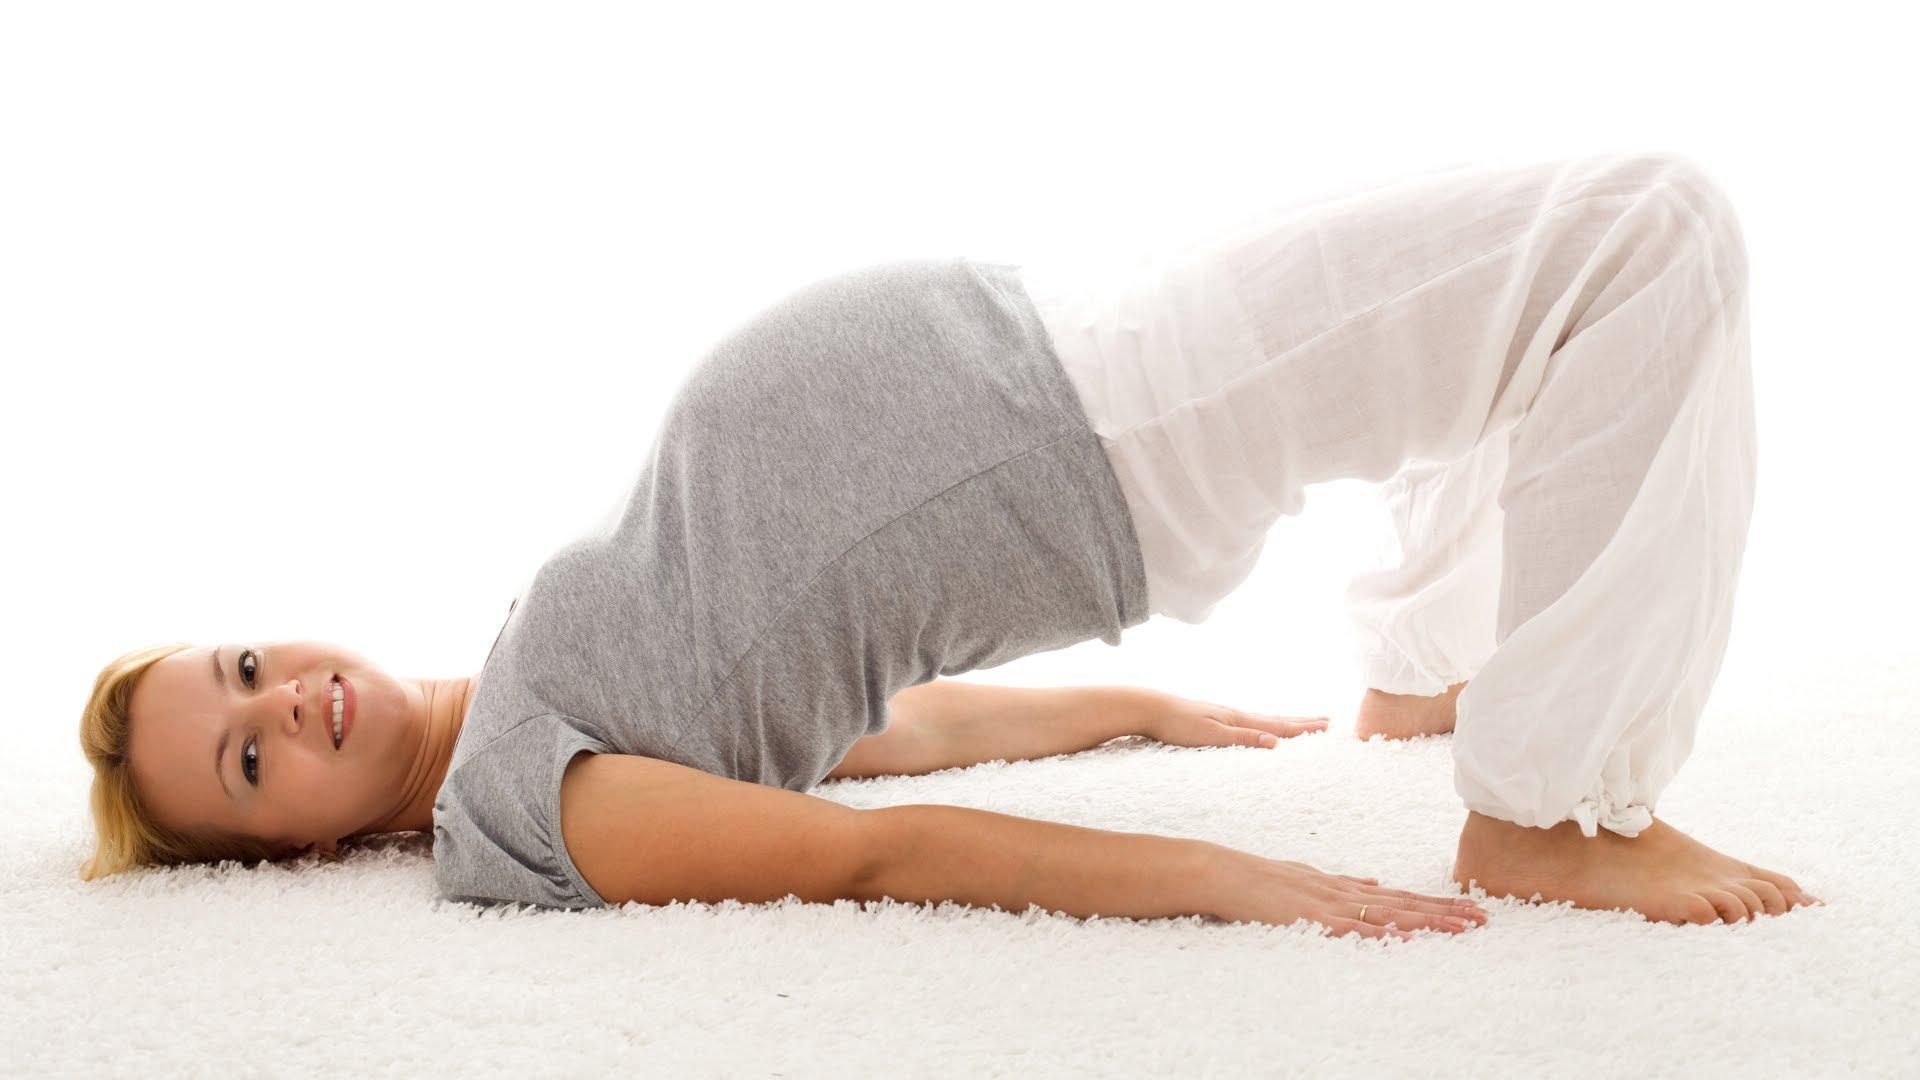 Гимнастика для будущей мамы: безопасно и аккуратно